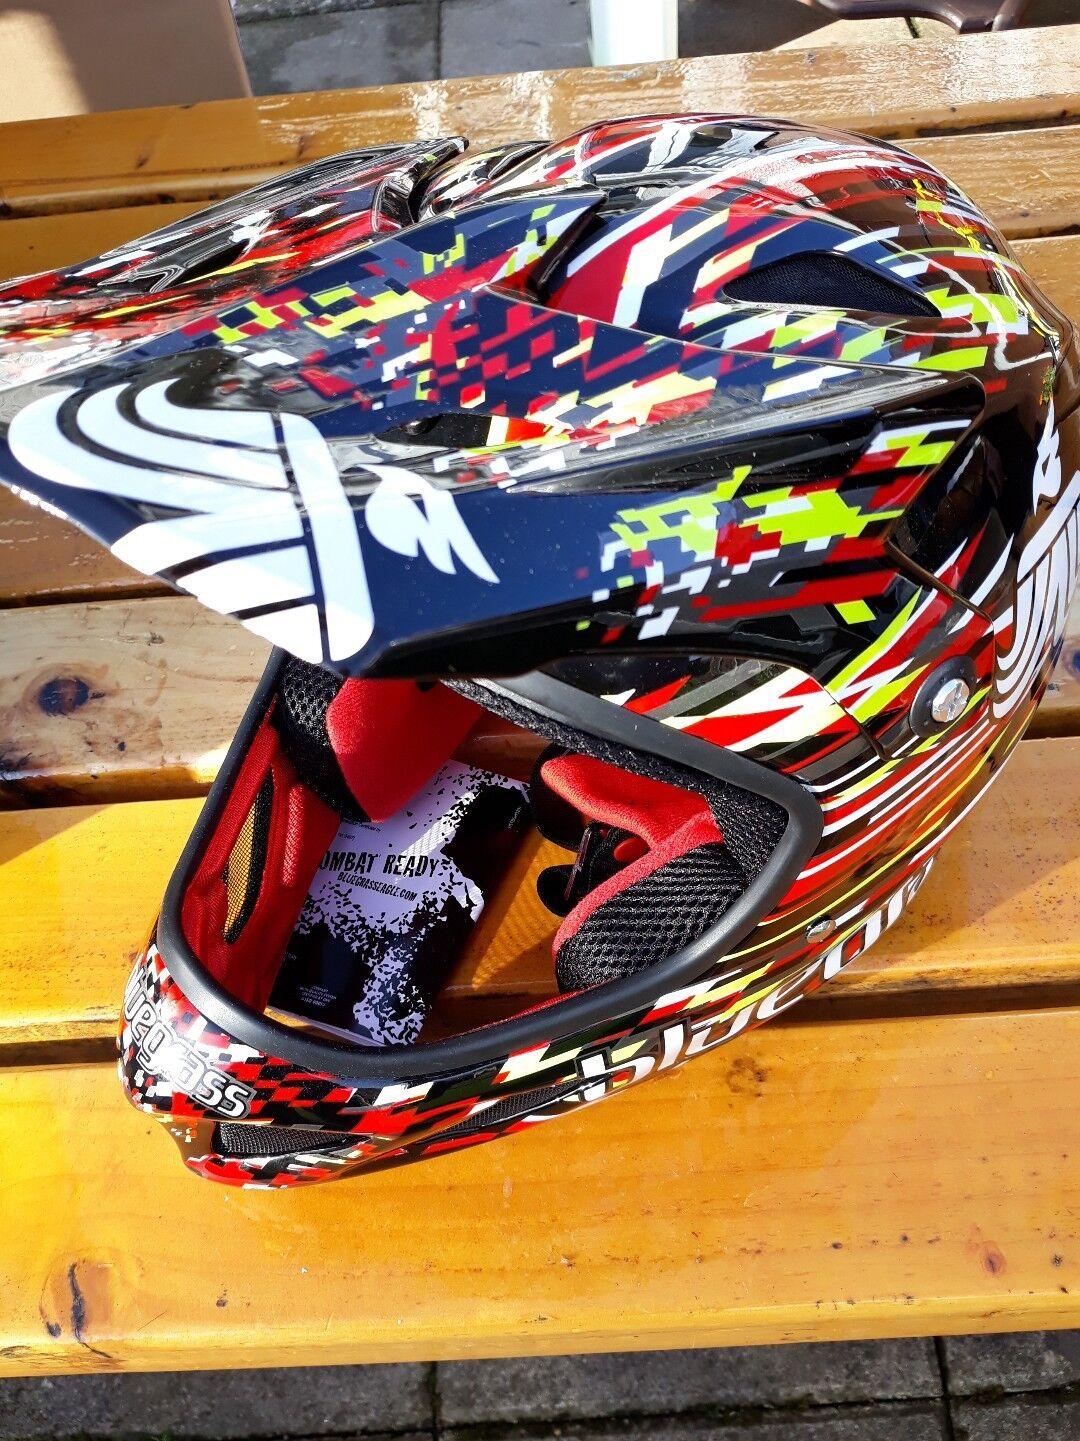 Blaugrass Brave X Large factory 13 rot full Gesicht mtb helmet, brand new